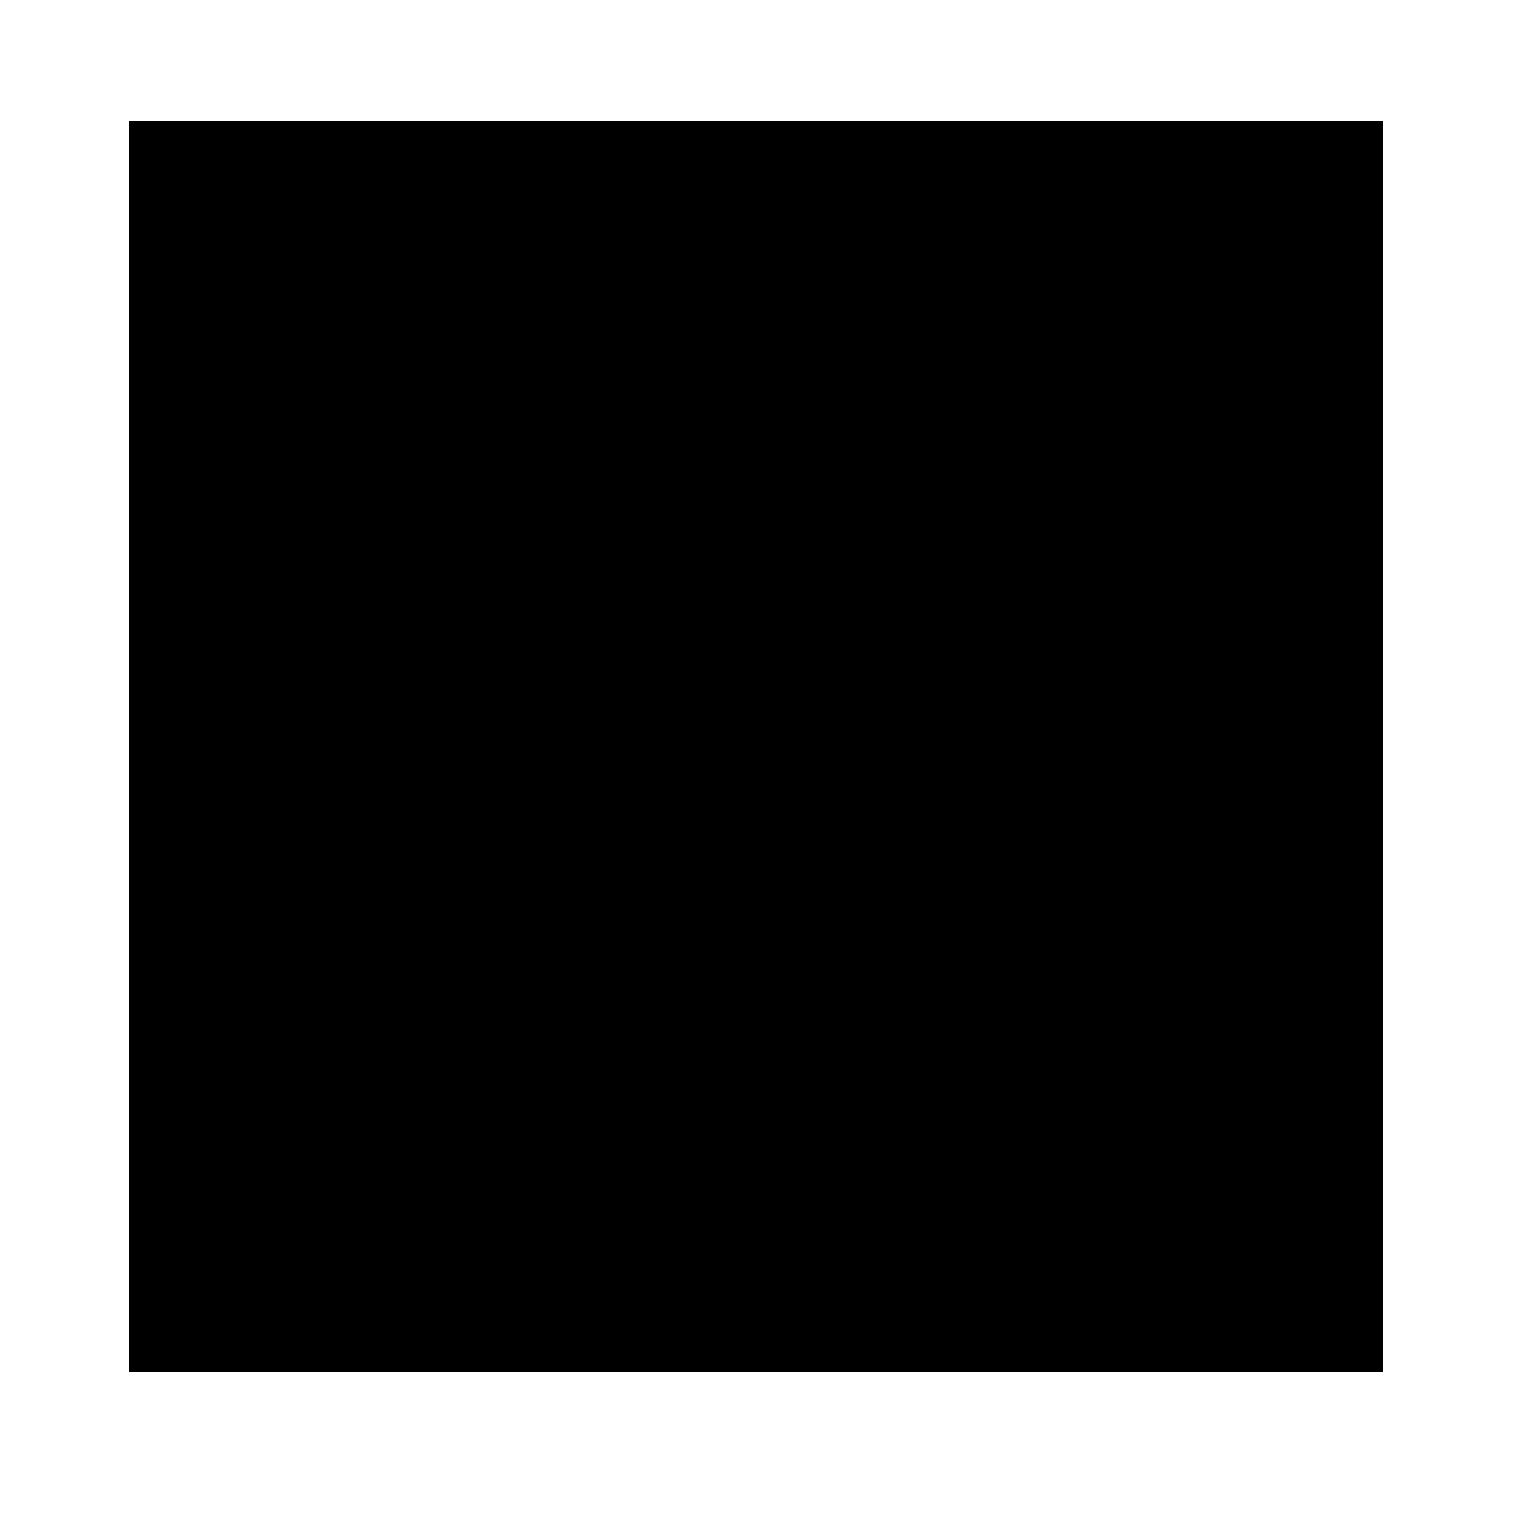 defb6ff9-bf6d-4066-bdd8-a5d80c8ba9d5.png